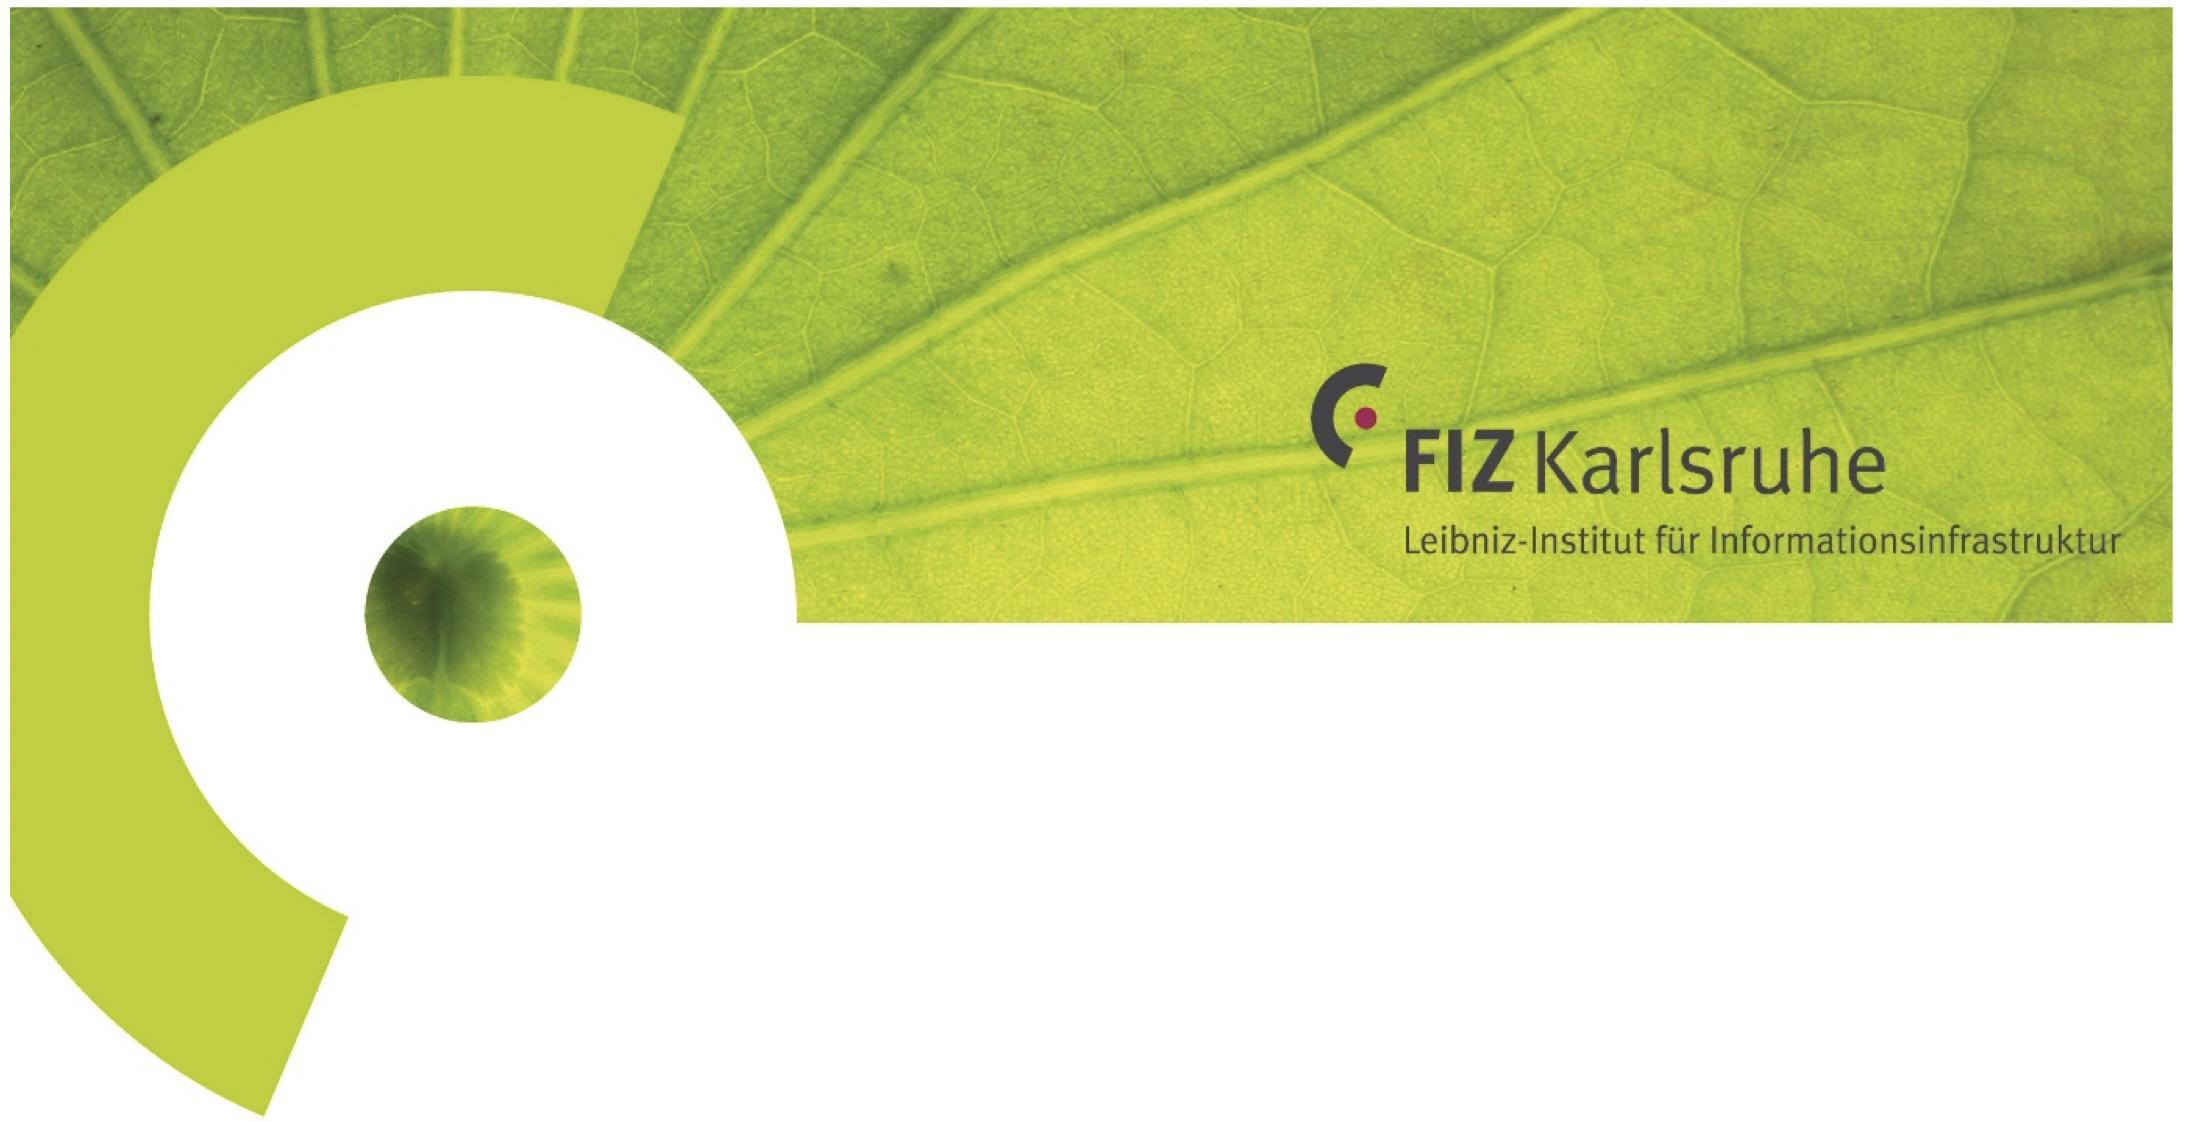 FIZ Karlsruhe – Leibniz-Institut für Informationsinfrastruktur